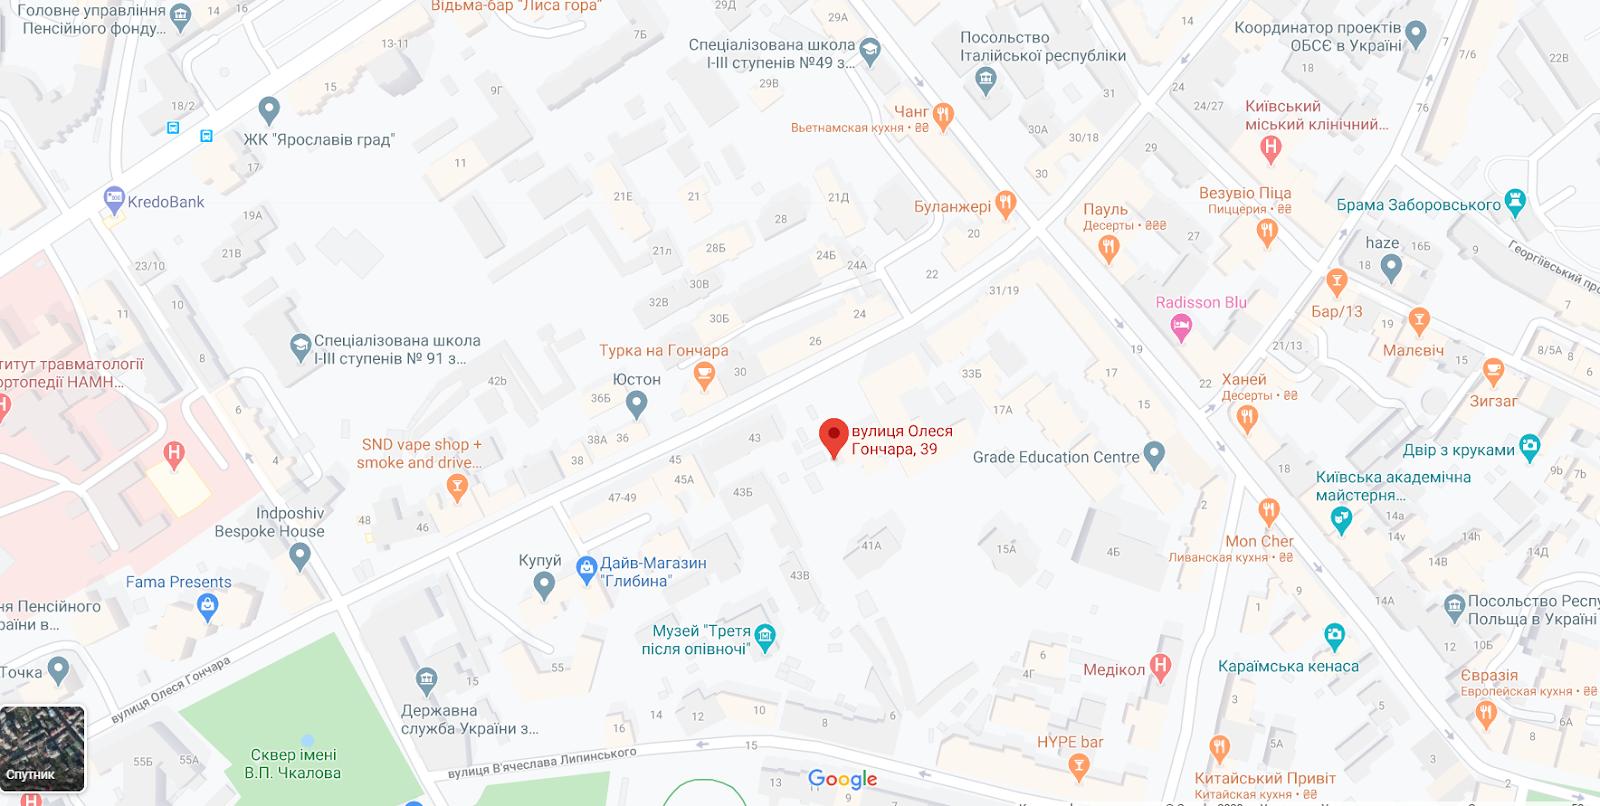 КГГА согласовала фирме-пустышке уродование исторической части Киева 9-этажным зданием по улице Гончара, 39